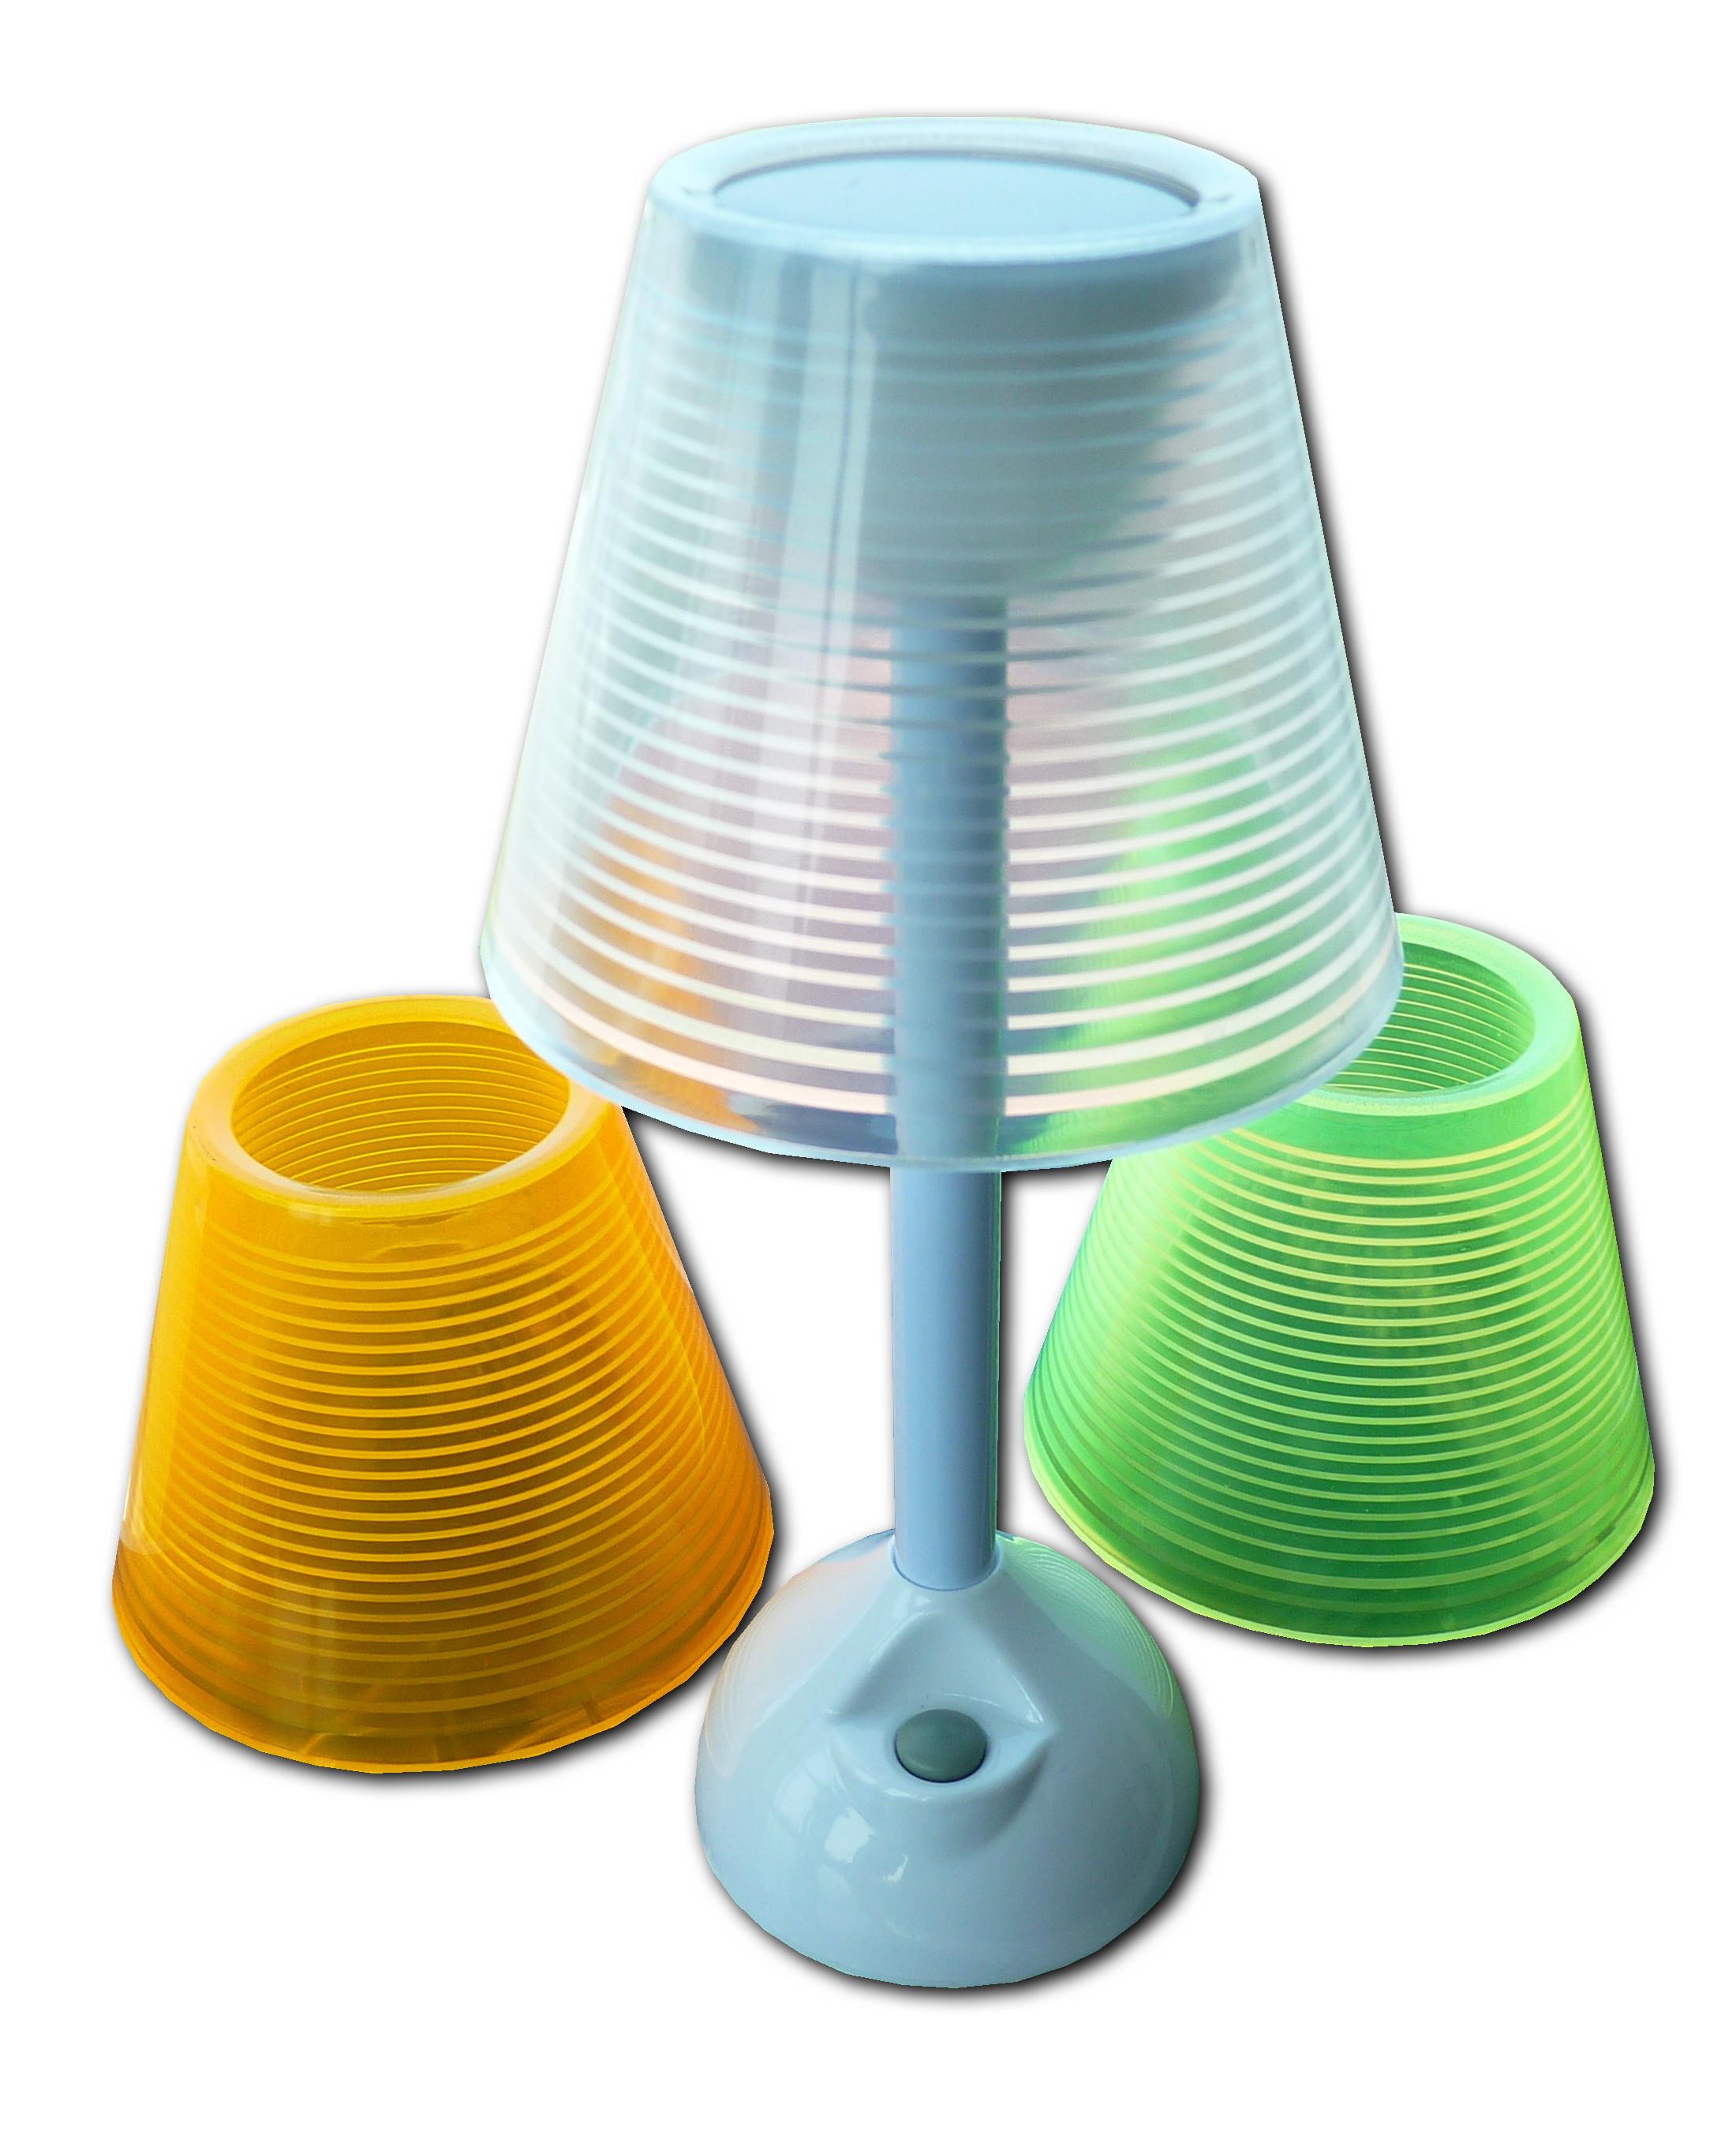 Lampe solaire et usb- lampes solaires decoratives Table | Objetsolaire